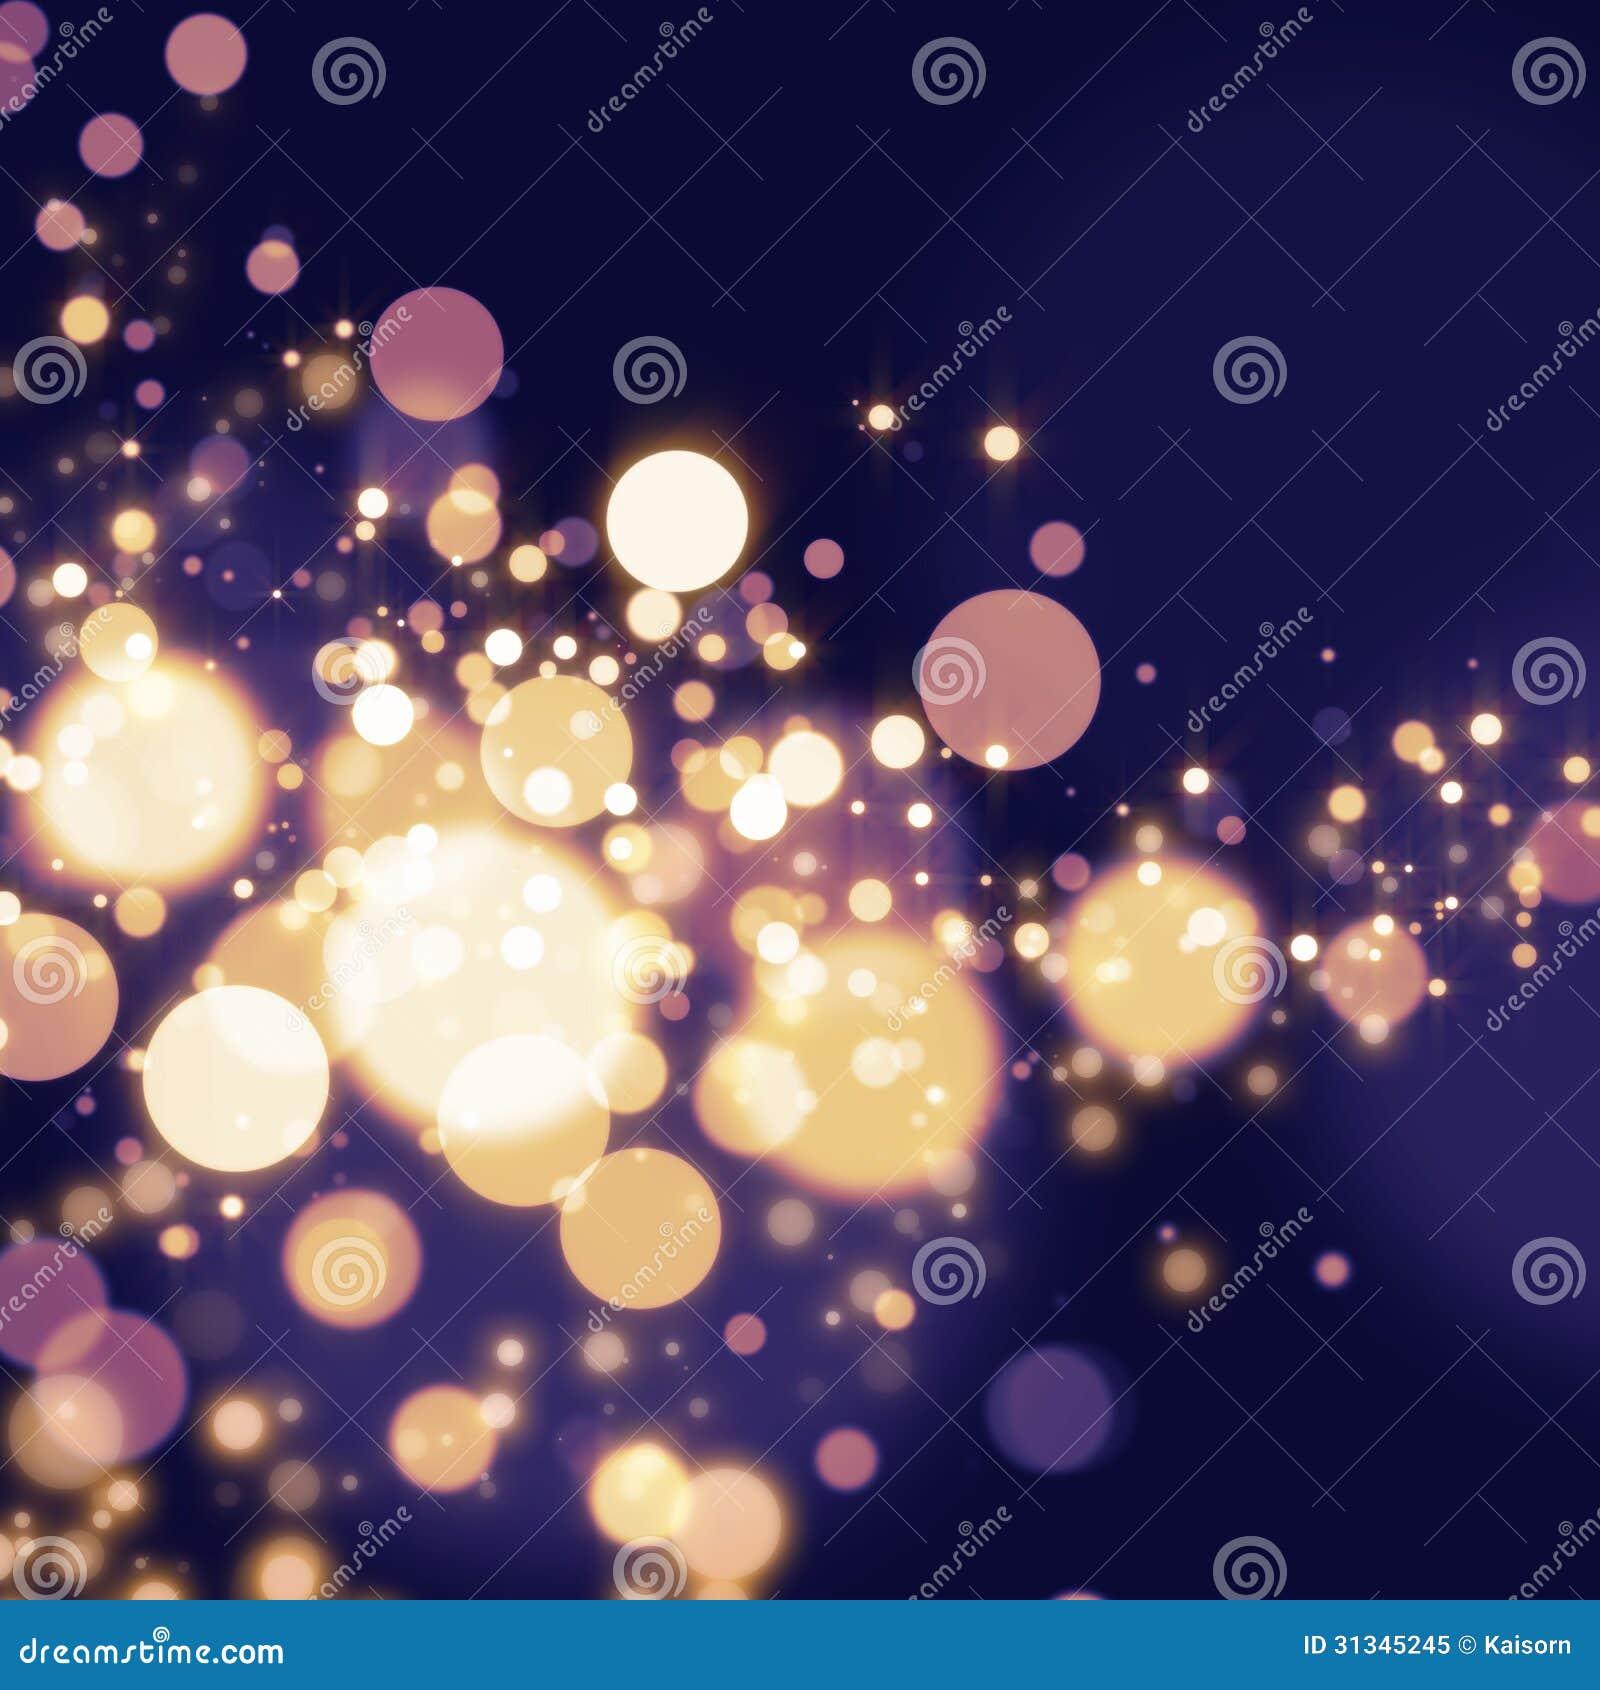 Golden Abstract Bokeh Light Background Stock Illustration